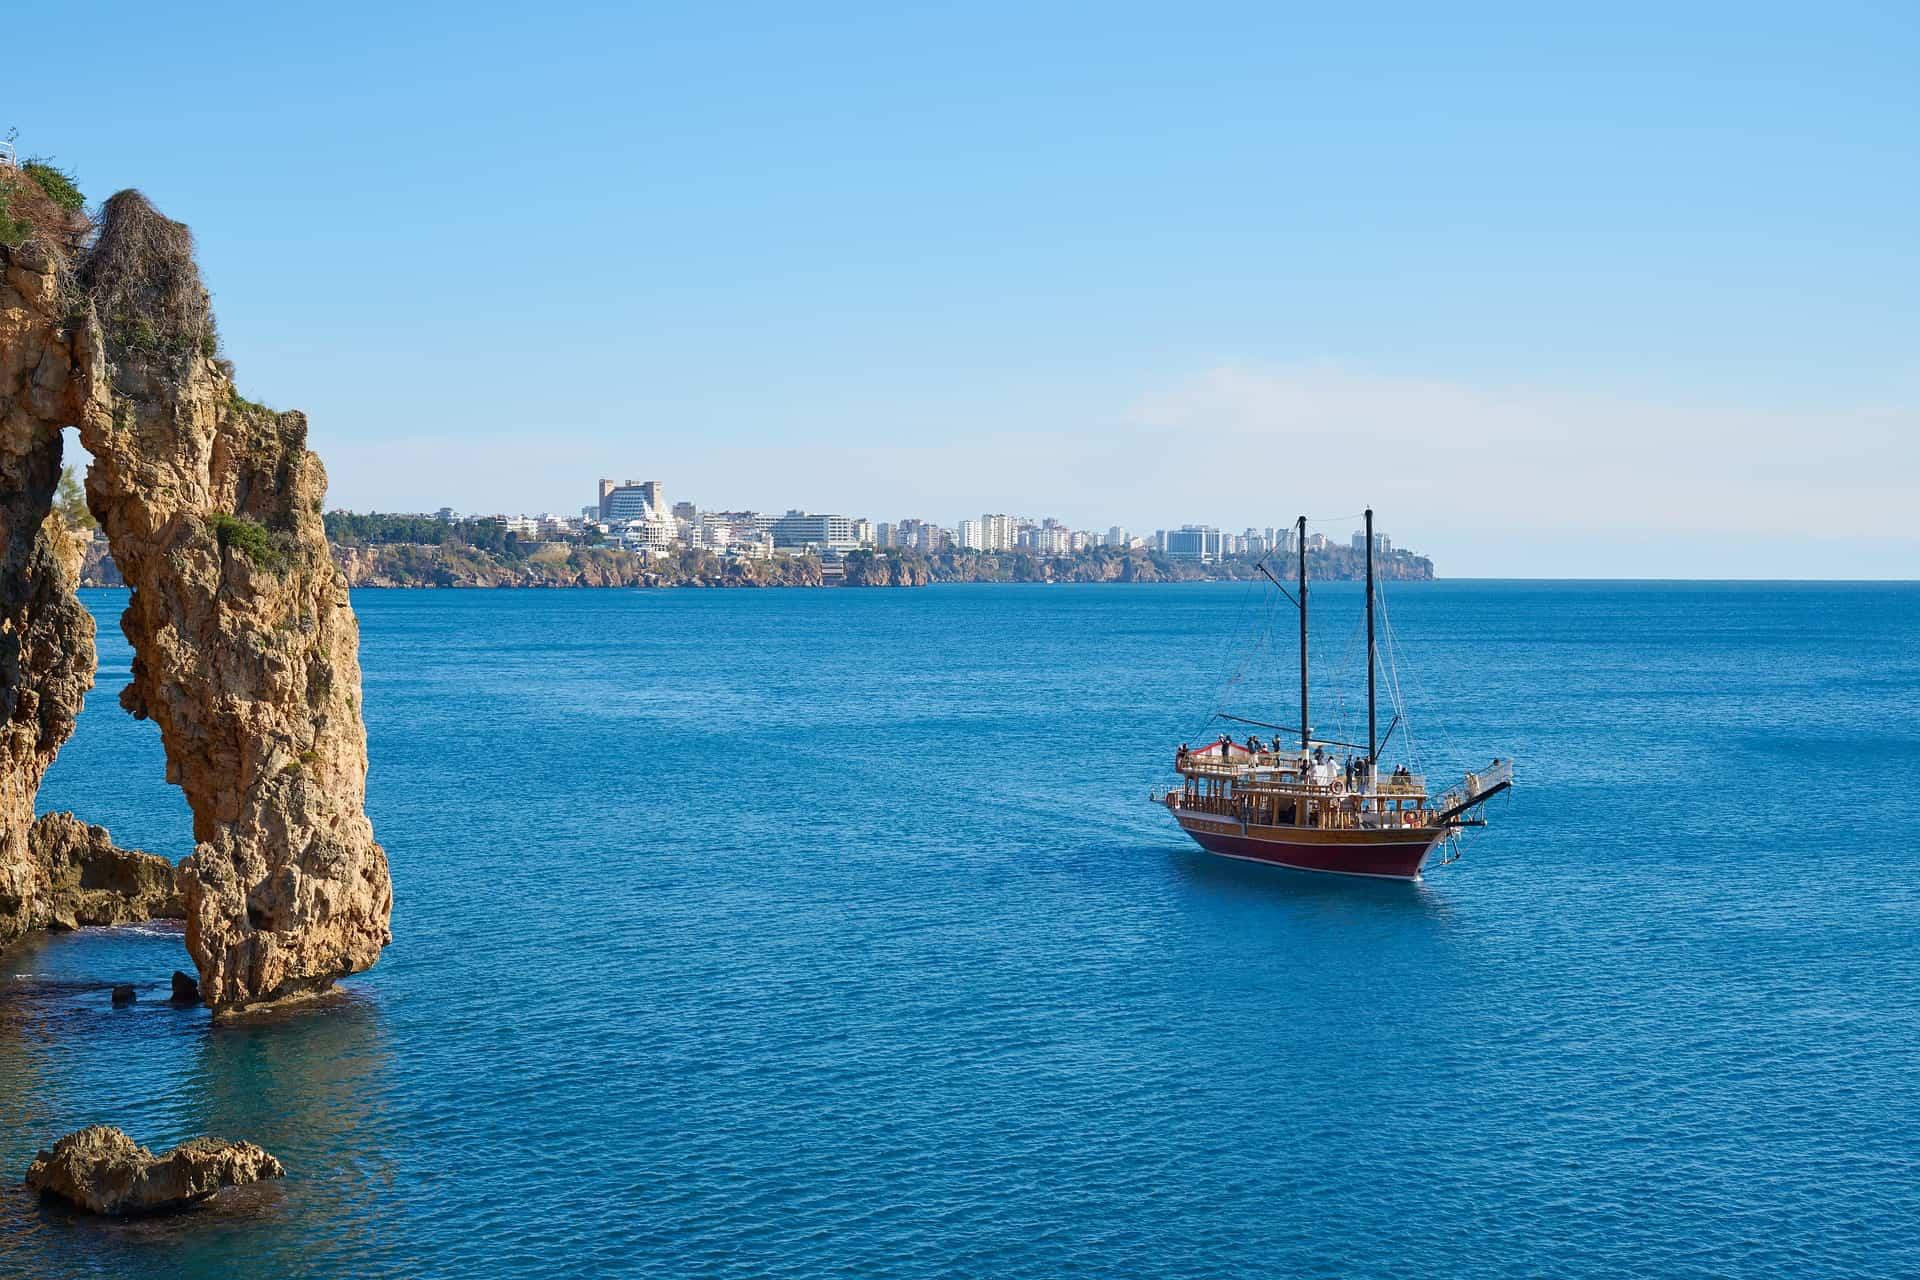 Türkei Kreuzfahrt ab 332,11€ - Blaue Reise Lykische Küste